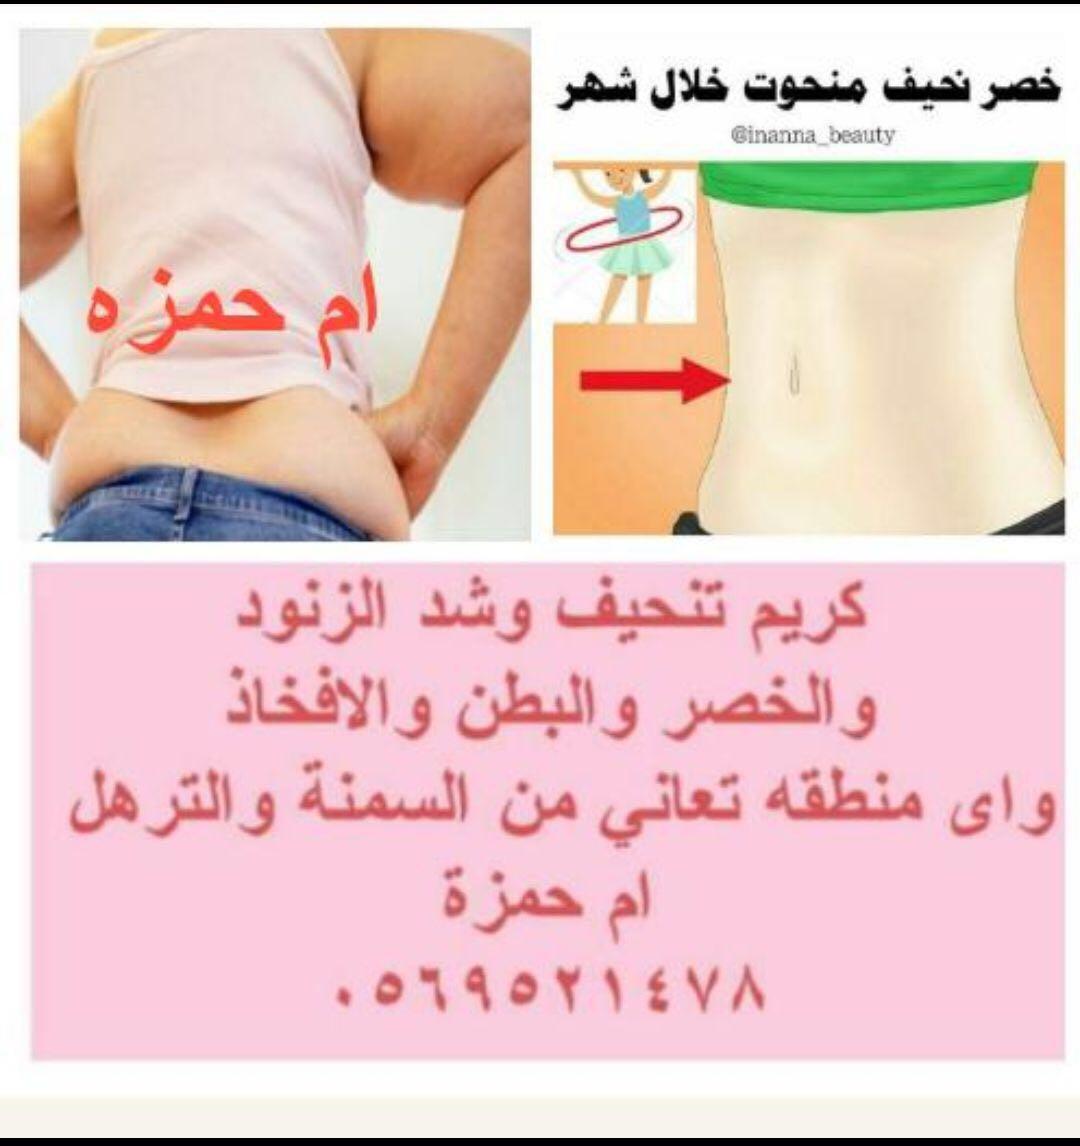 كريم تنحيف الدهون ونحت الجسم والترهلات p_8087yhoi1.jpg